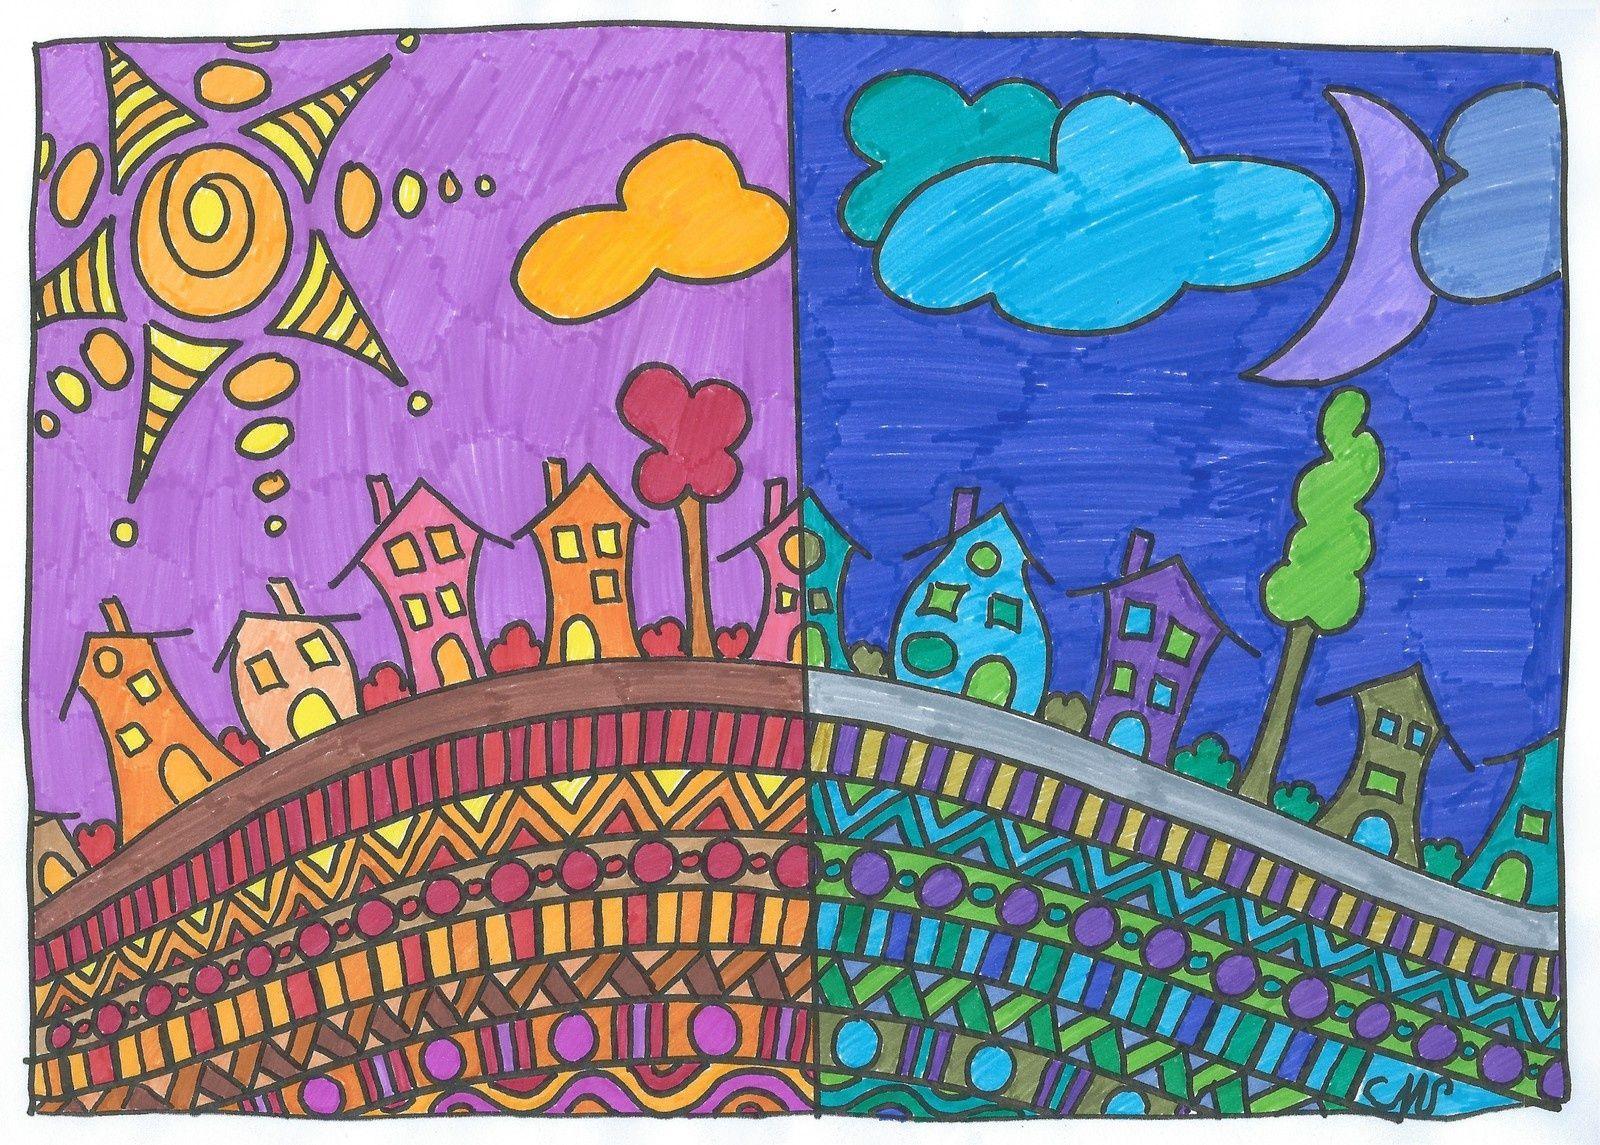 et art 6 electrical wiring diagrams explained arts visuels couleurs chaudes froides